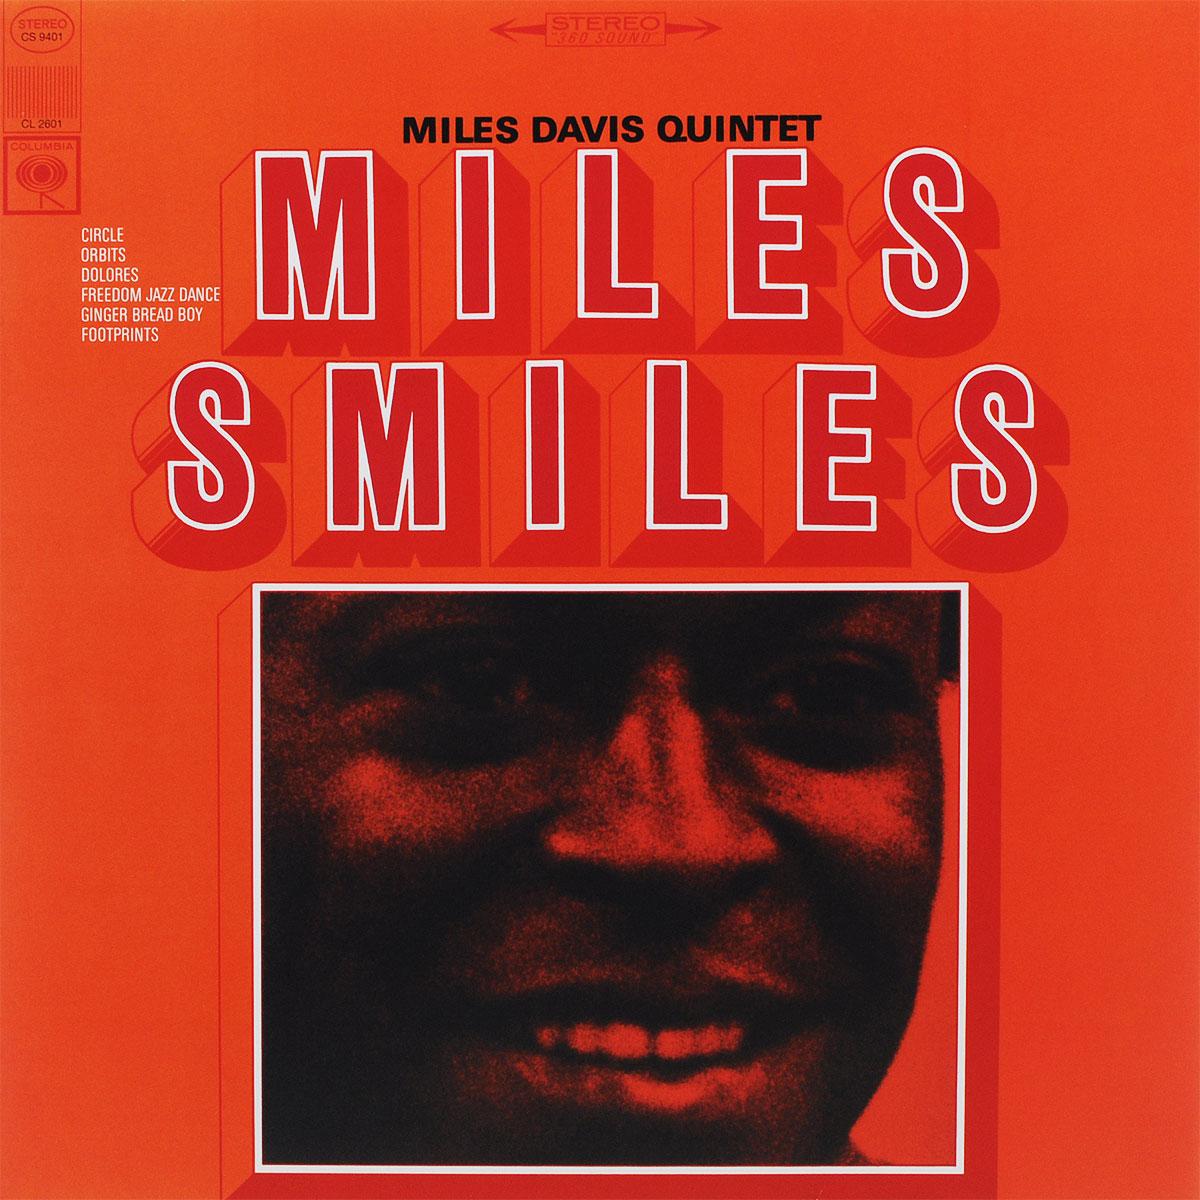 Майлз Дэвис,Miles Davis Quintet DAVIS, MILES -QUINTET- Miles Smiles -Hq- LP miles edgeworth 3